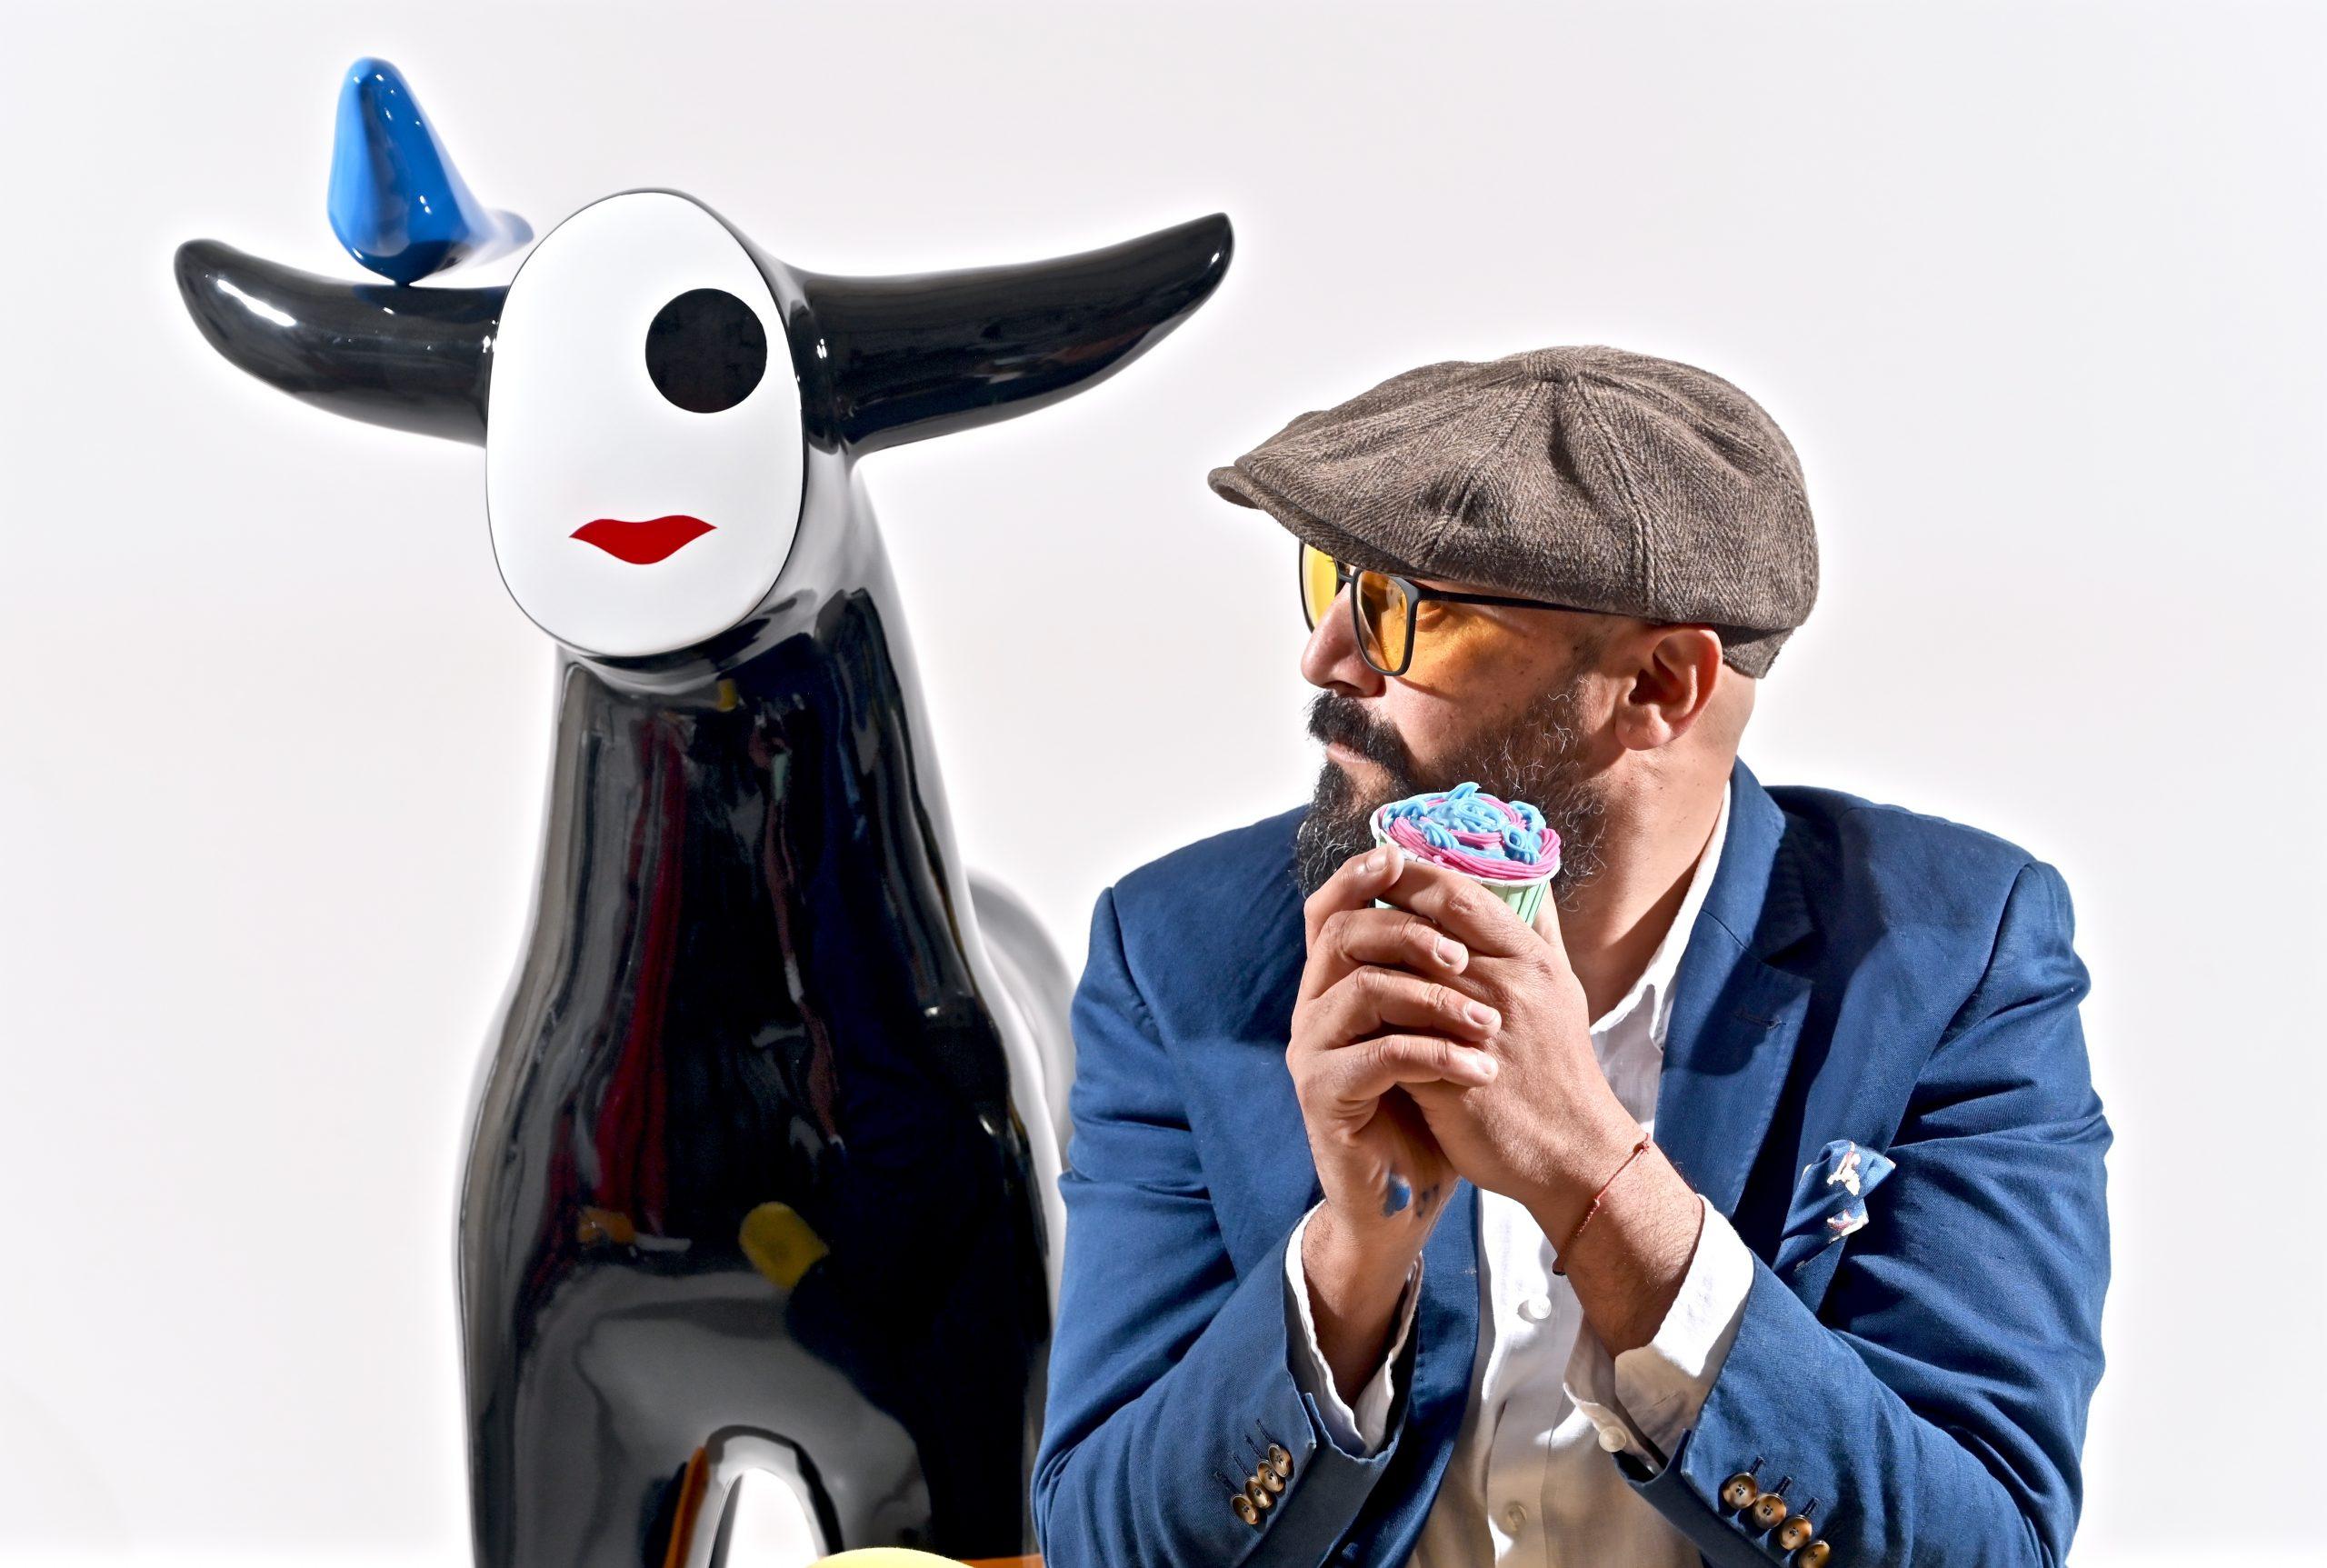 artist Sam Shendi